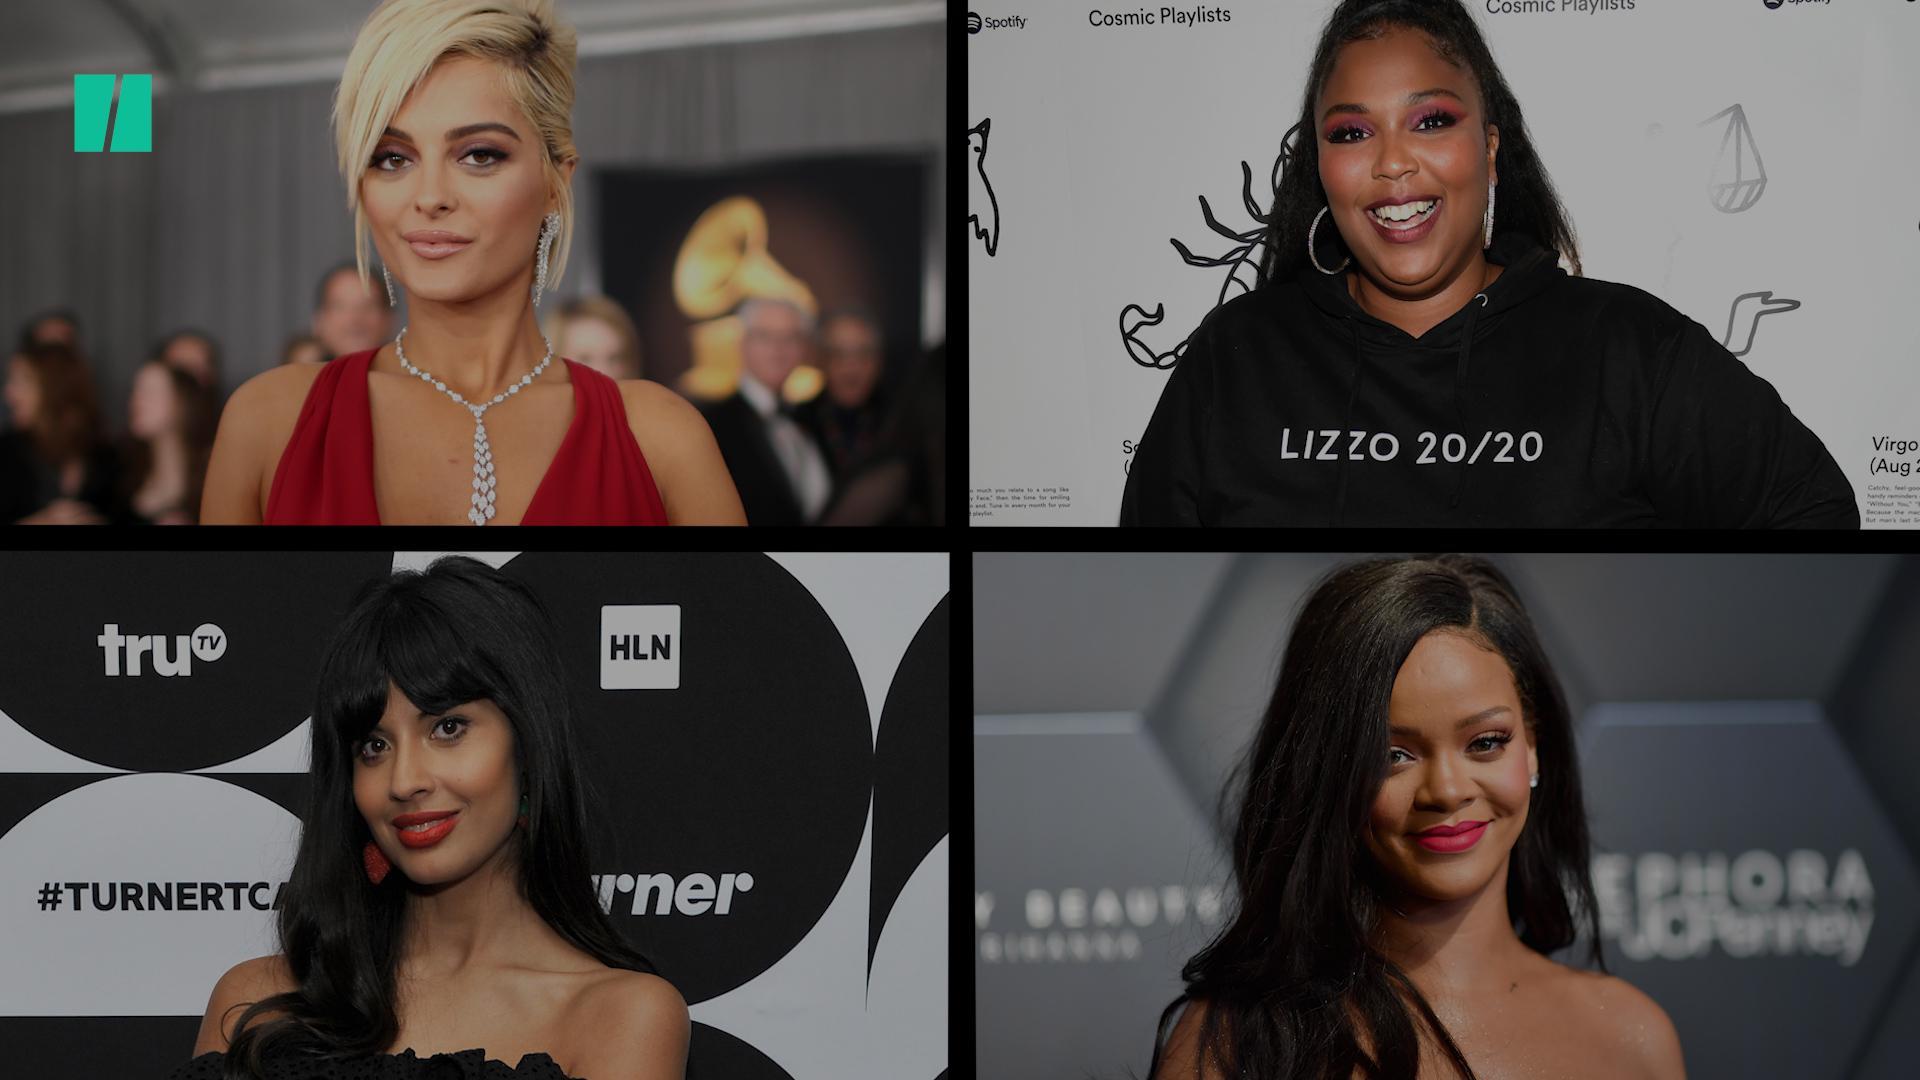 Body Positive Celebrities Slam Society's Beauty Standards